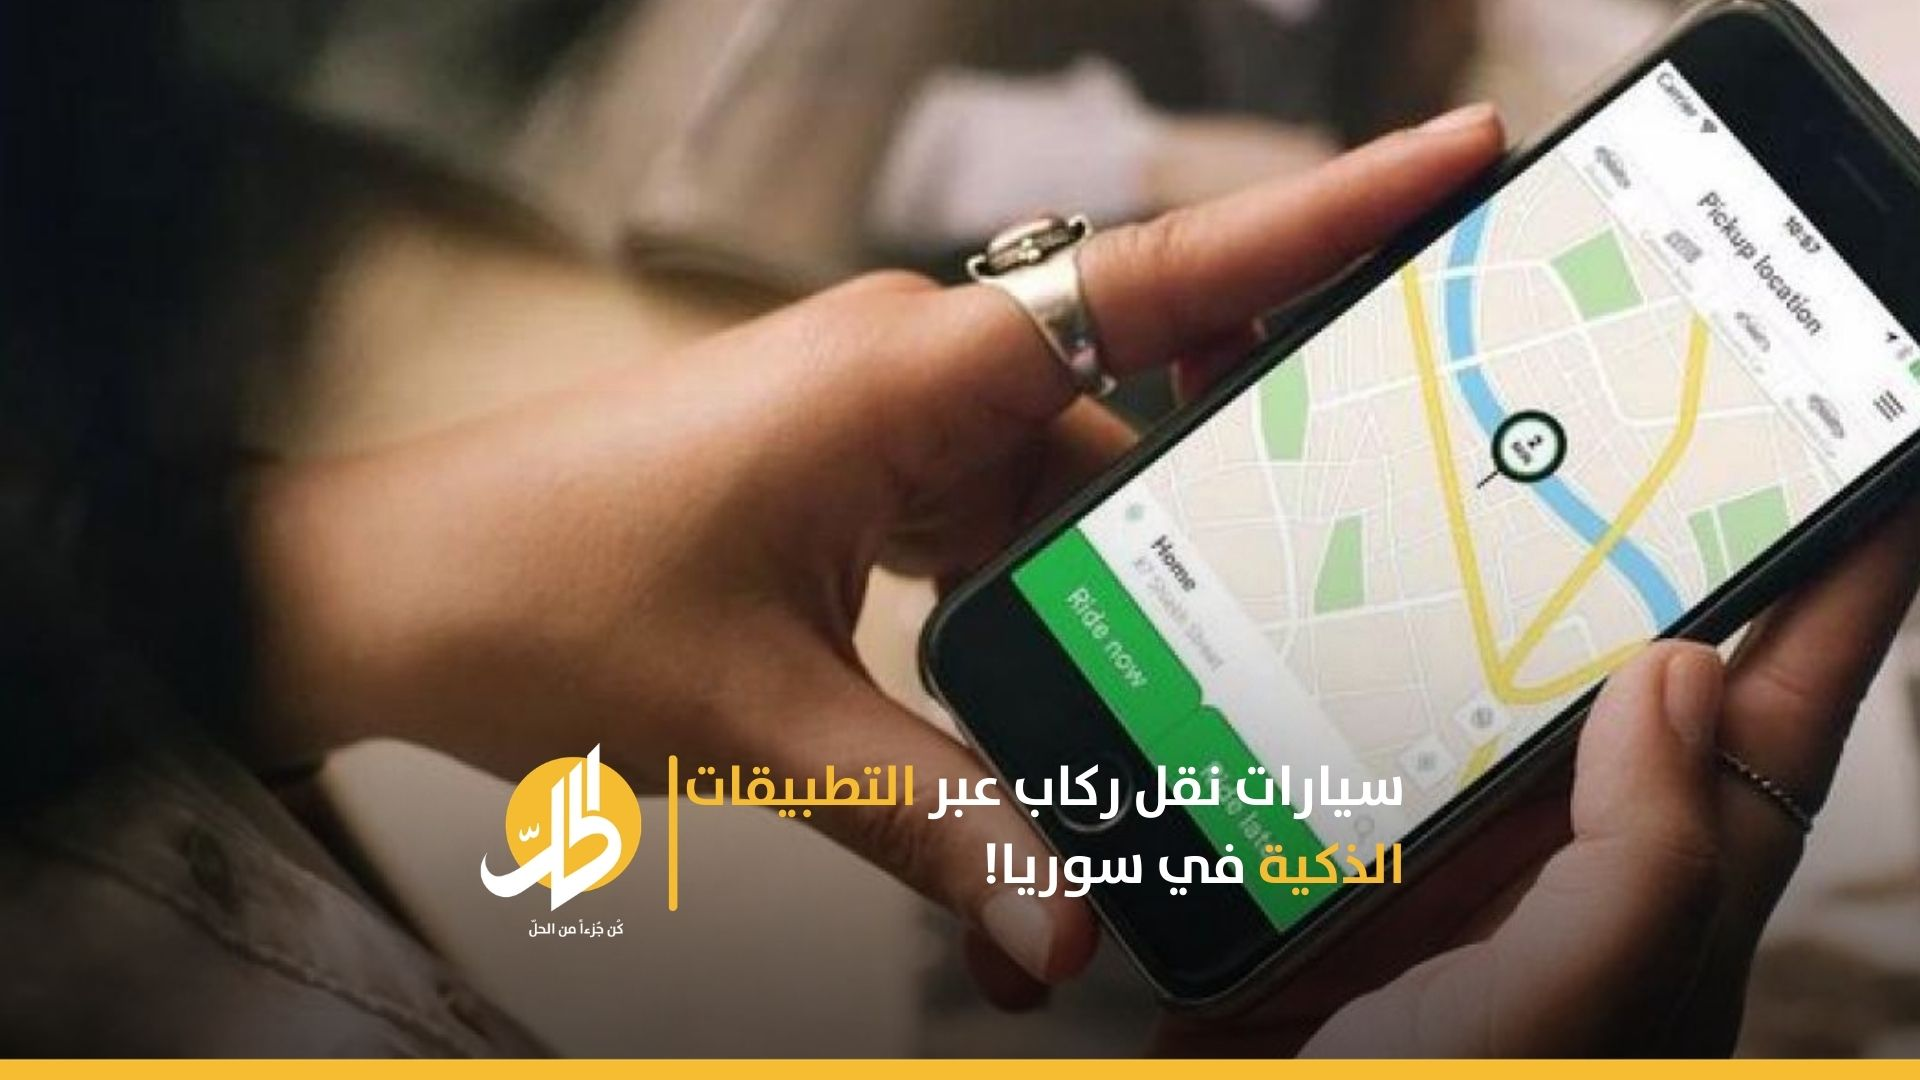 سيارات نقل ركاب عبر التطبيقات الذكية في سوريا!